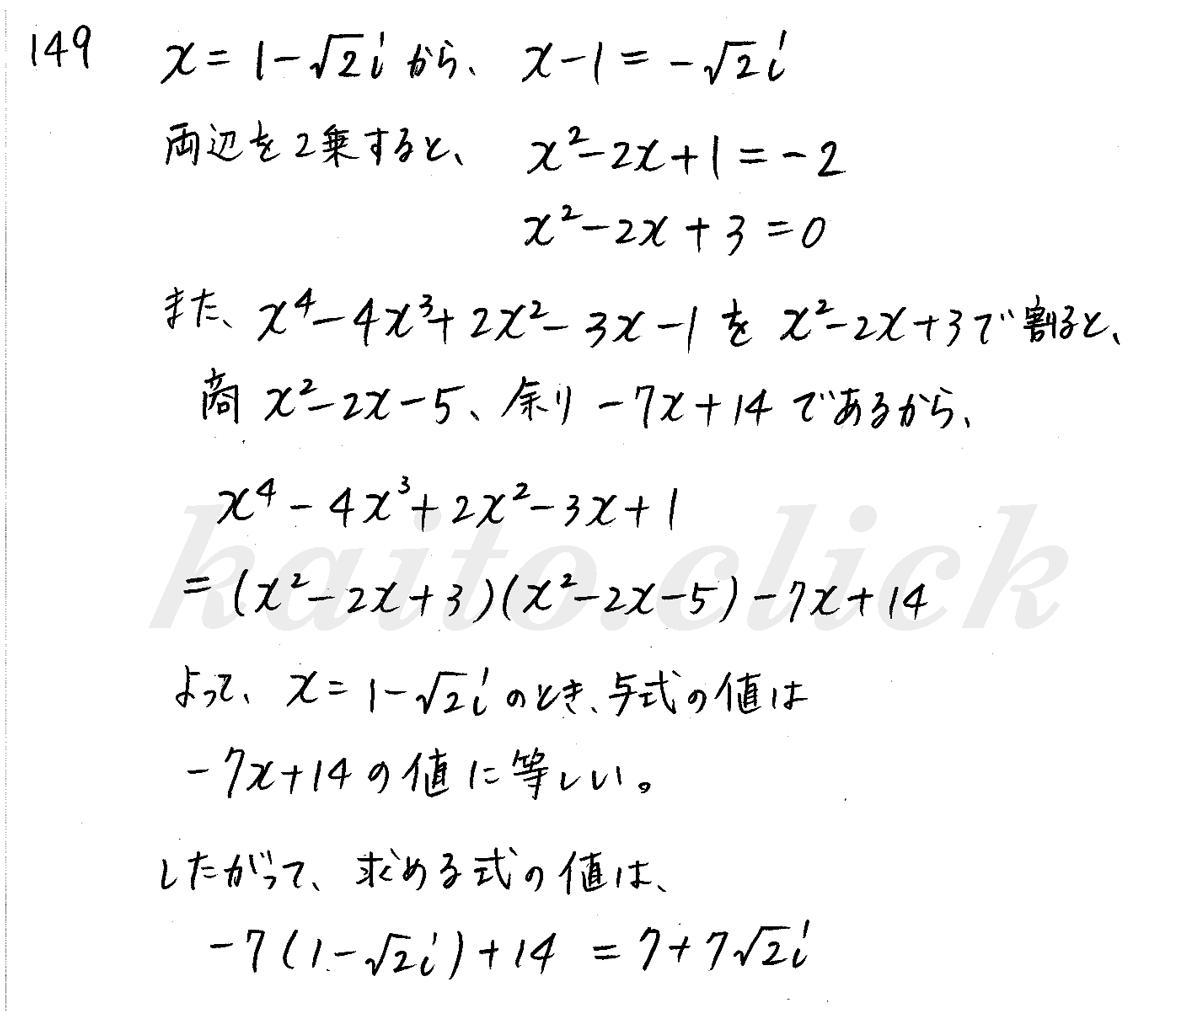 クリアー数学2-149解答